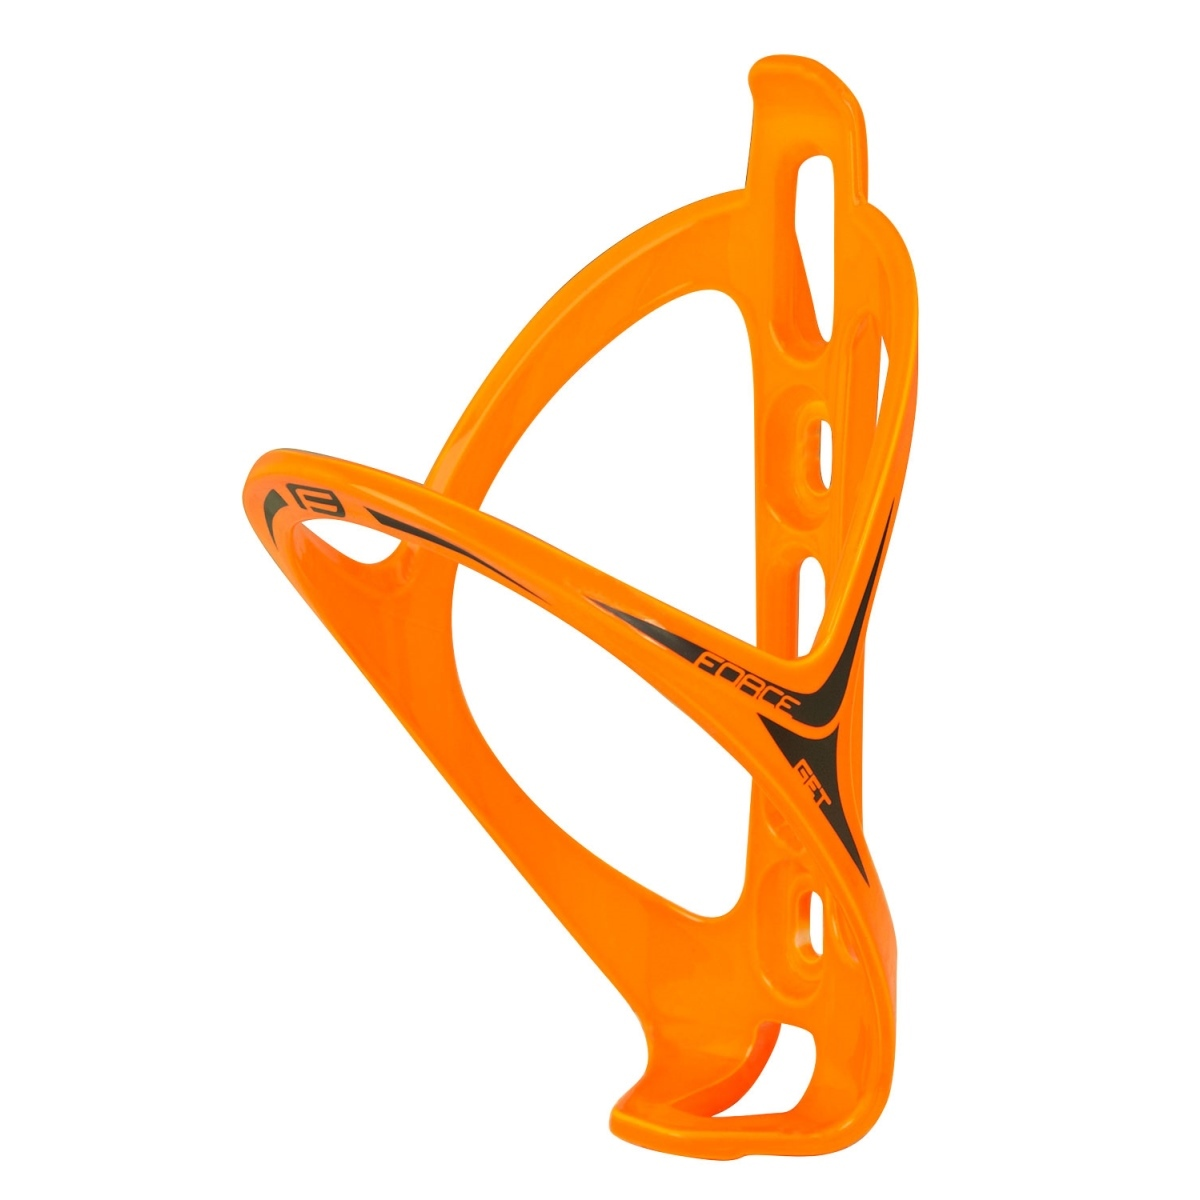 Force košík láhve Get plastový, oranžový lesklý